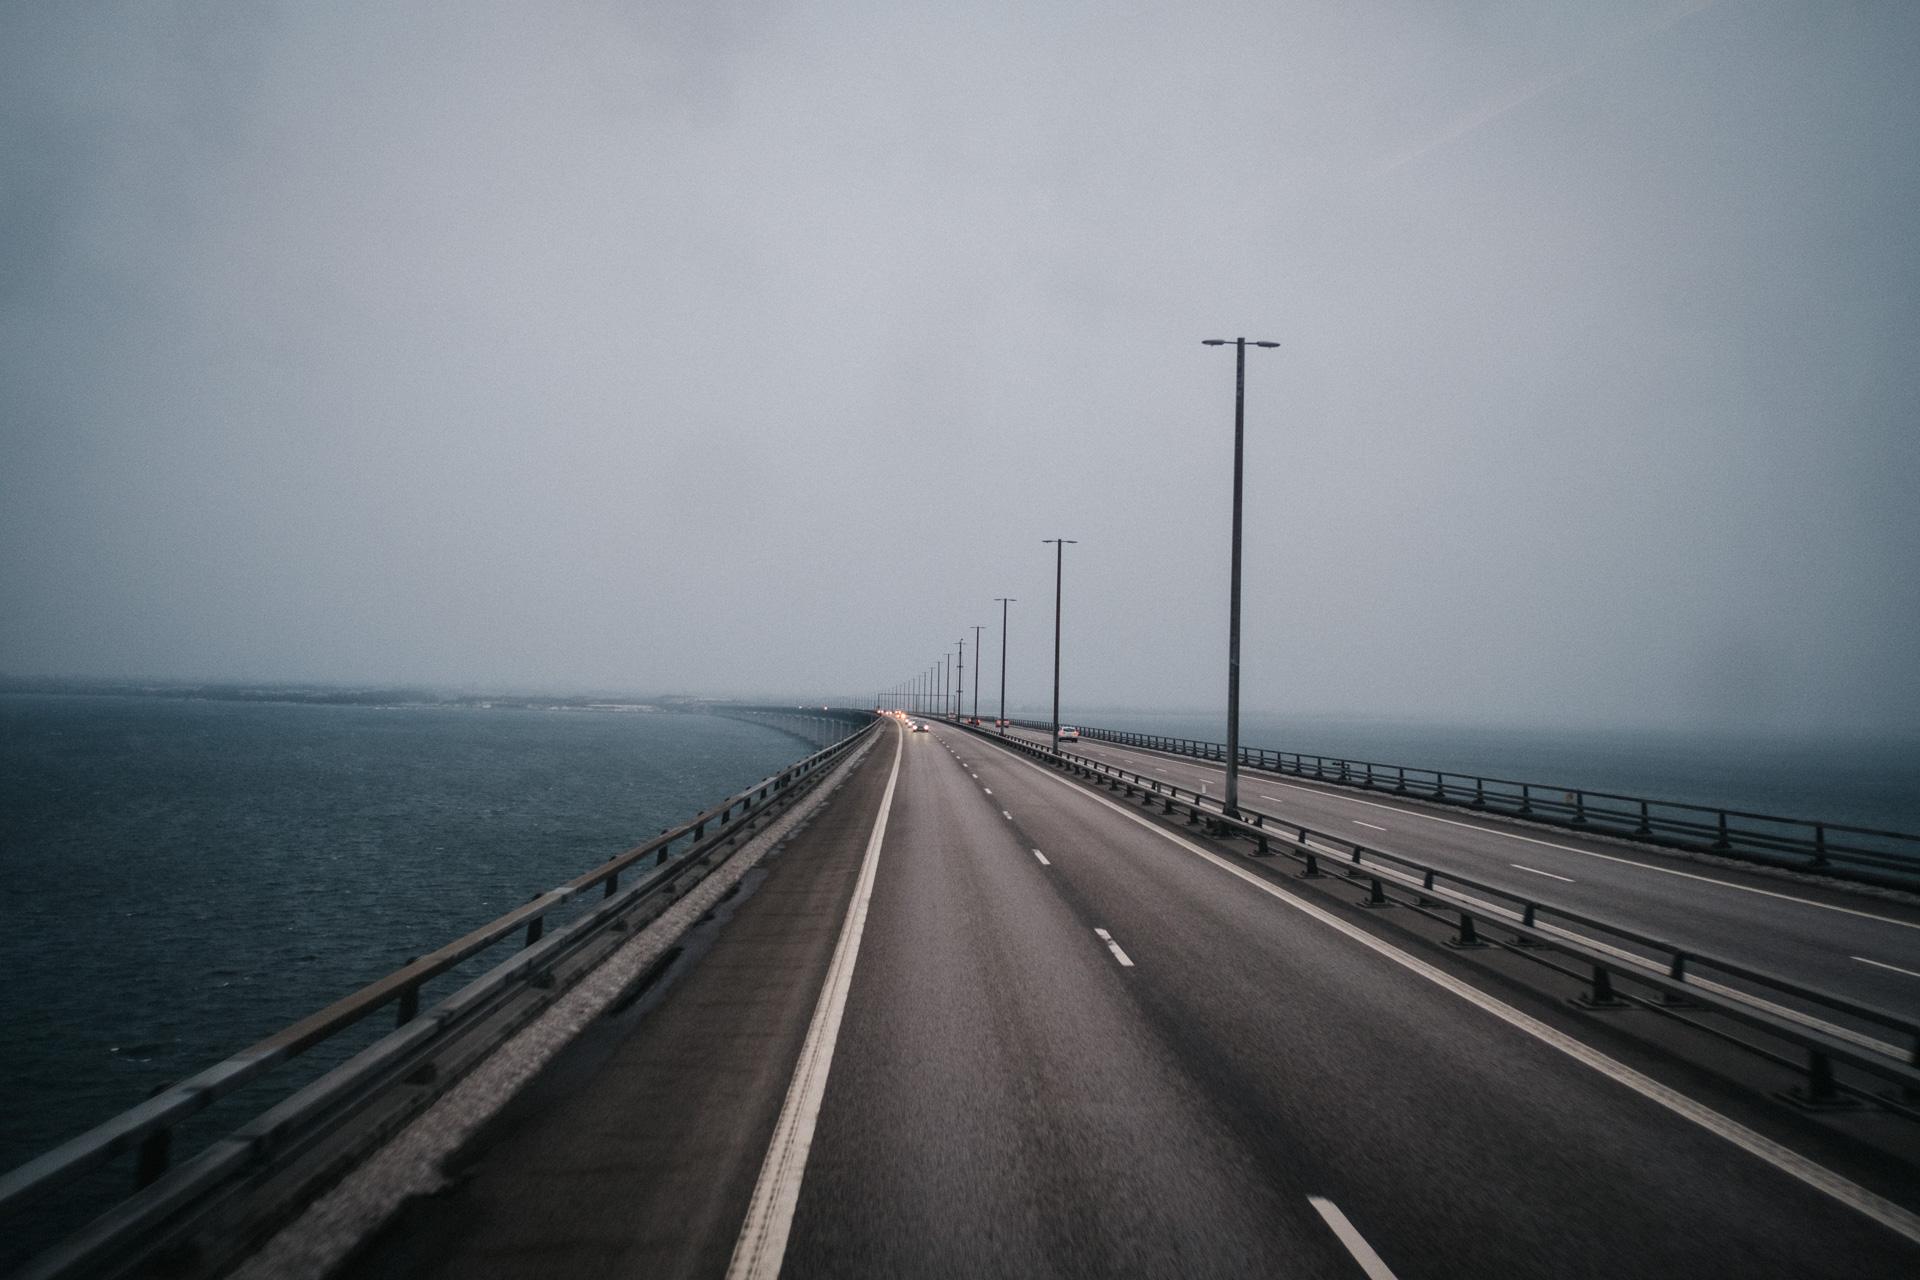 The bridge between Sweden and Denmark